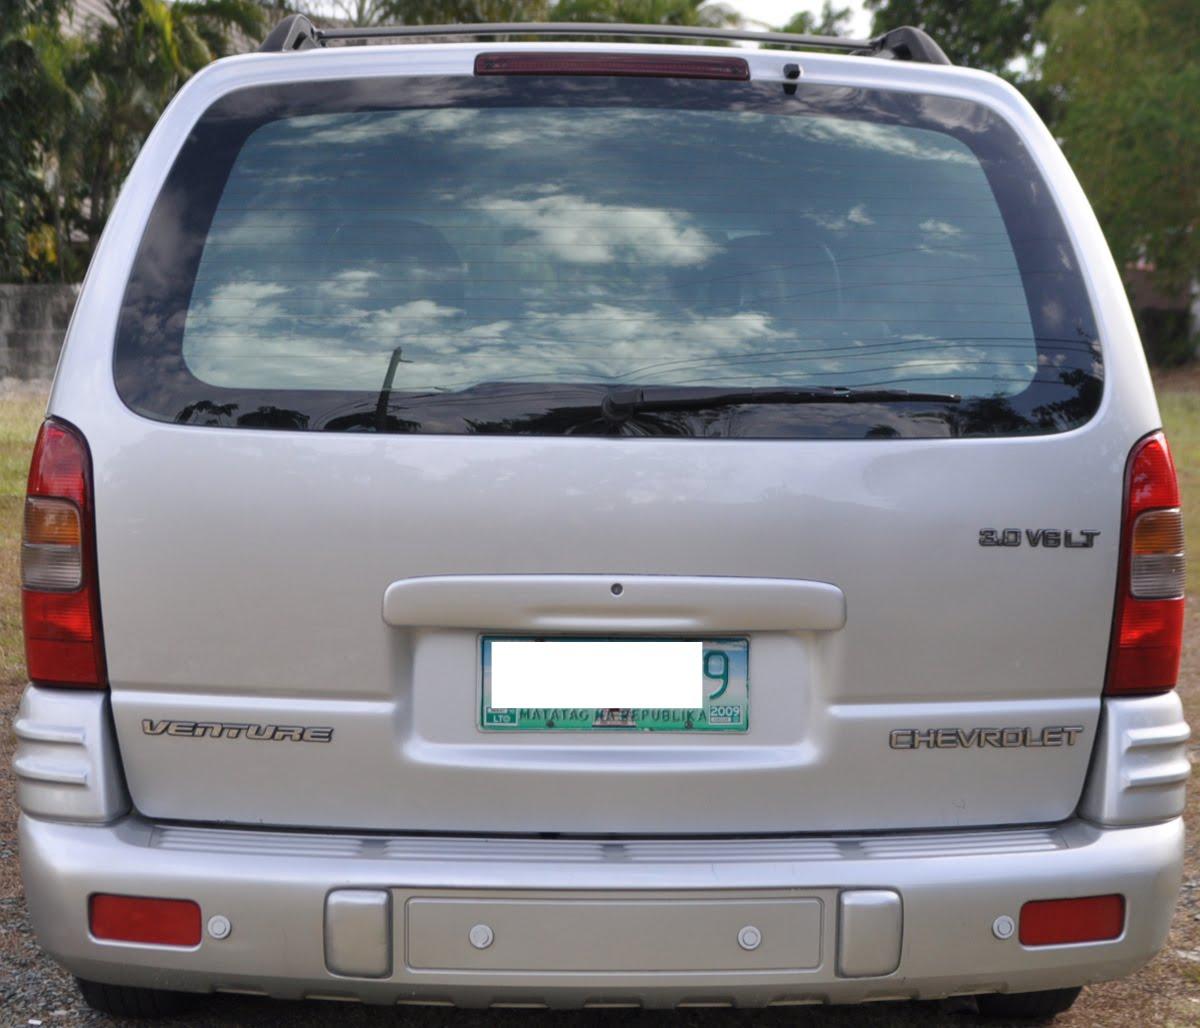 2005 Chevrolet Venture Passenger Camshaft: AUTOLUX: 2005 CHEVROLET VENTURE LT